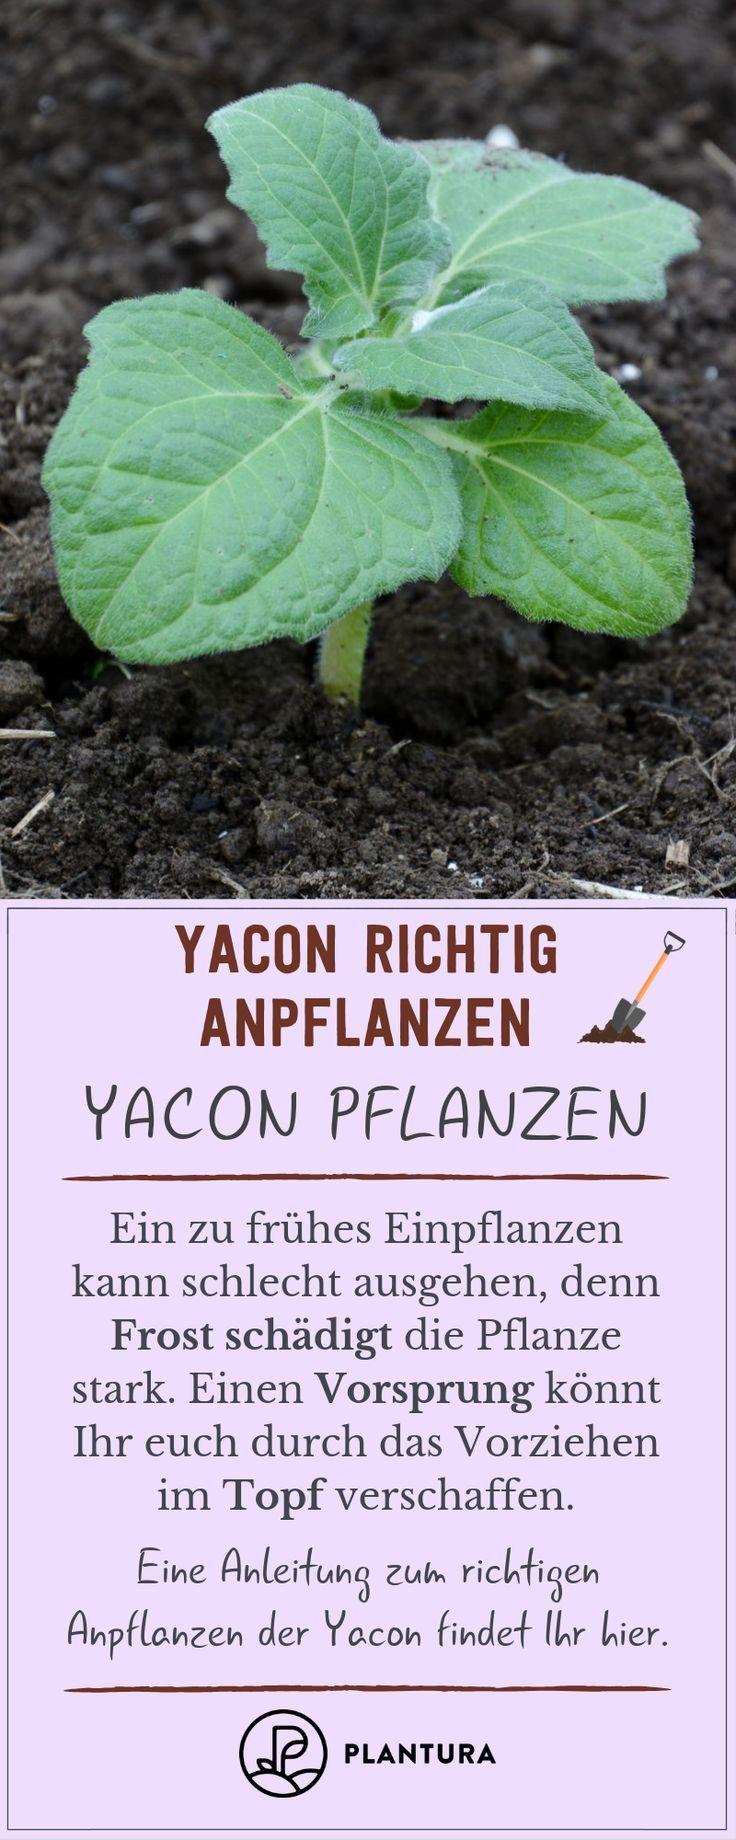 Yacon Die Susse Knolle Im Eigenen Garten Anpflanzen Pflanzen Garten Anpflanzen Und Gemuse Anpflanzen